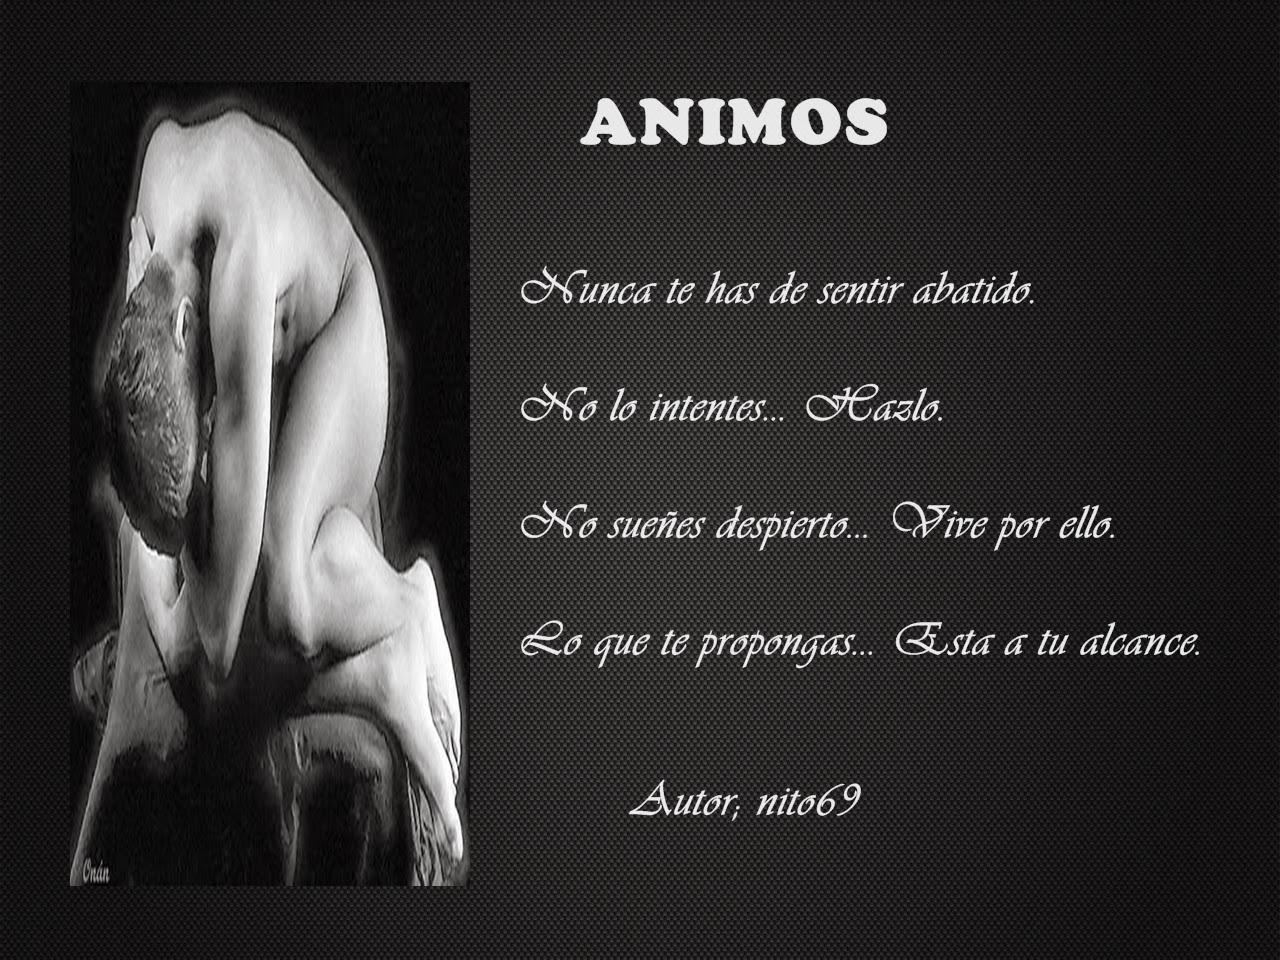 ANIMOS